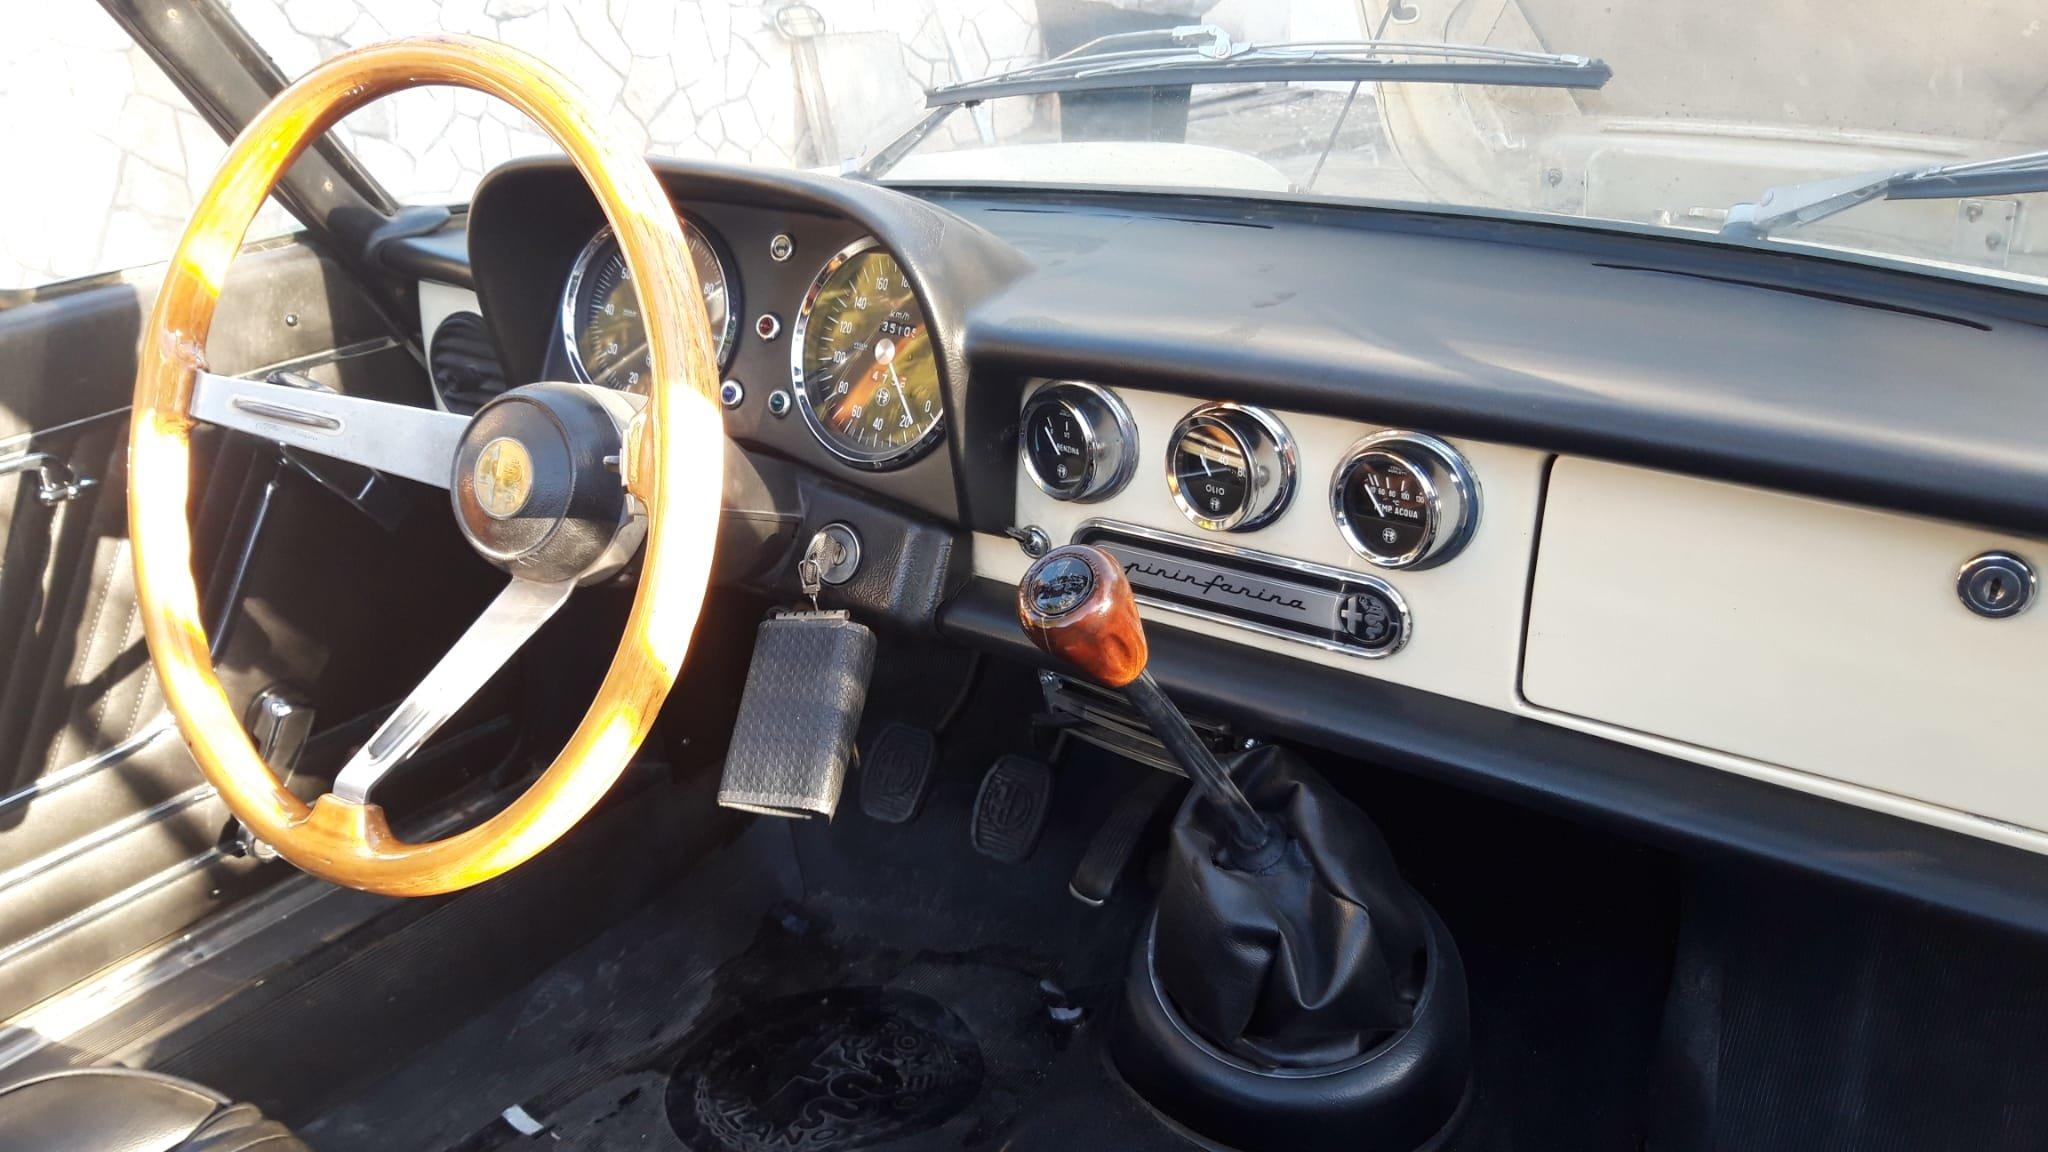 1976 Alfa Romeo Spider Duetto coda tronca 1300 For Sale (picture 5 of 9)